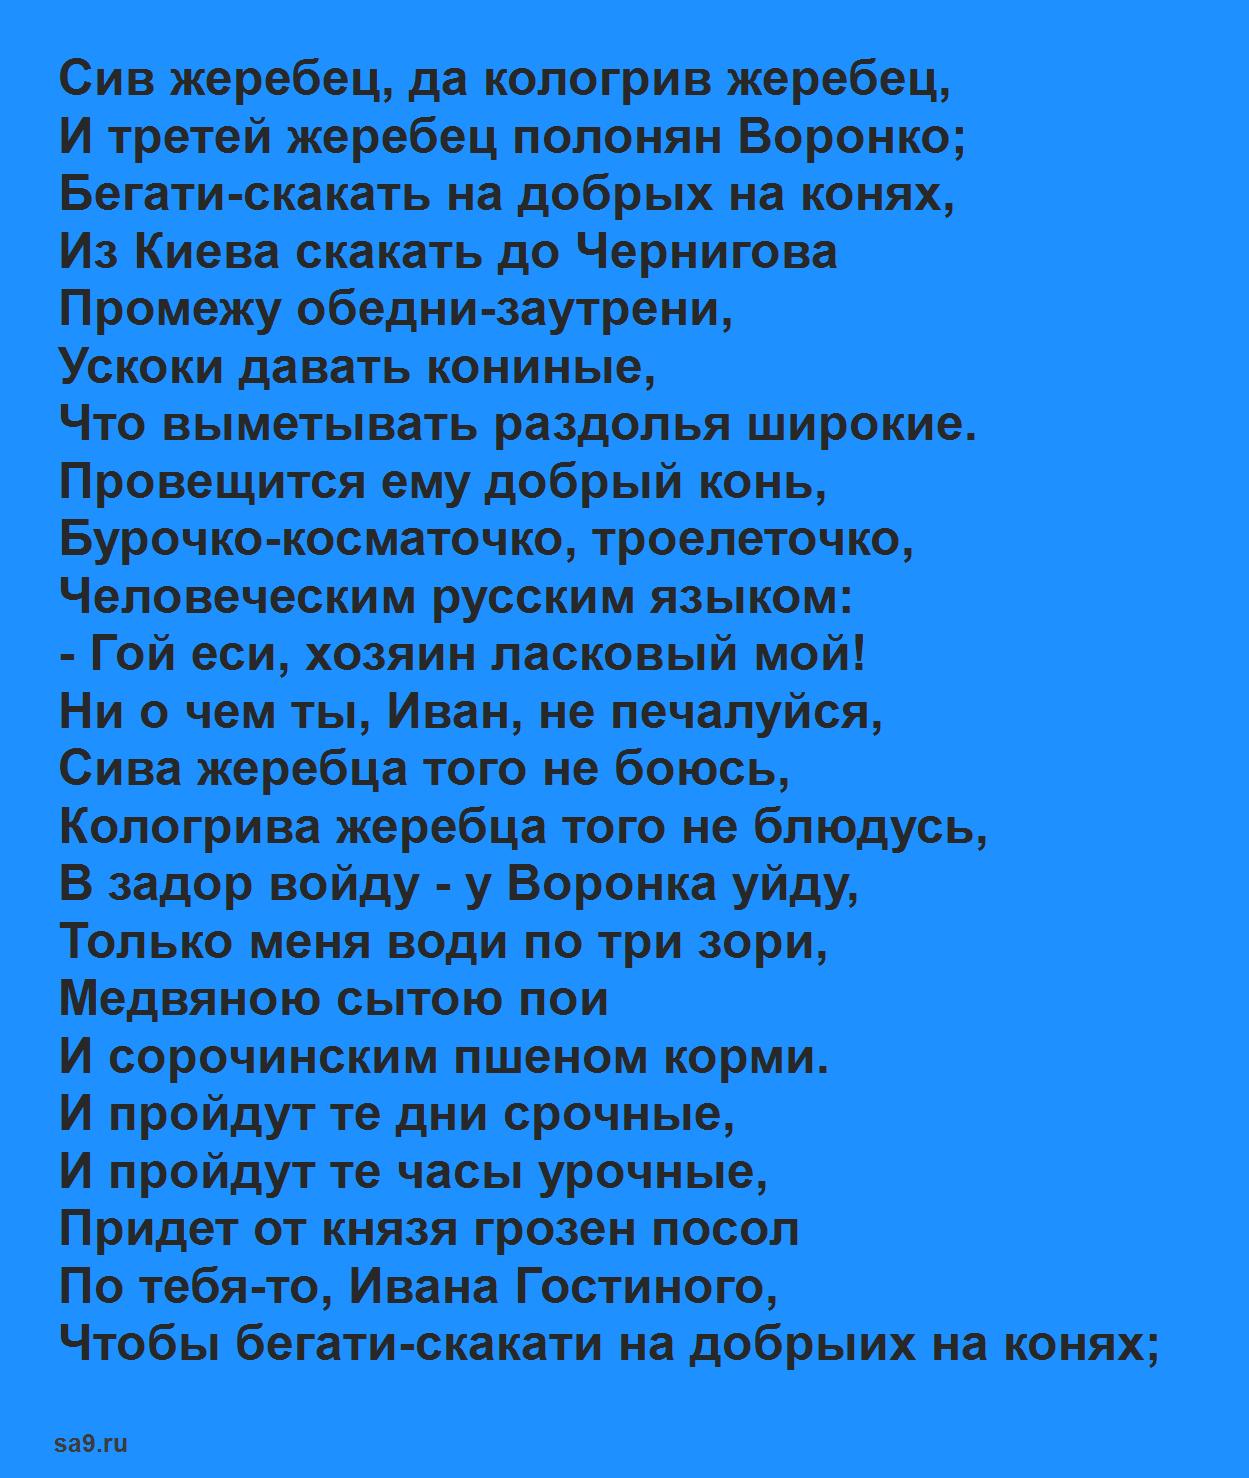 Читать былину - Иван гостиный сын, полностью